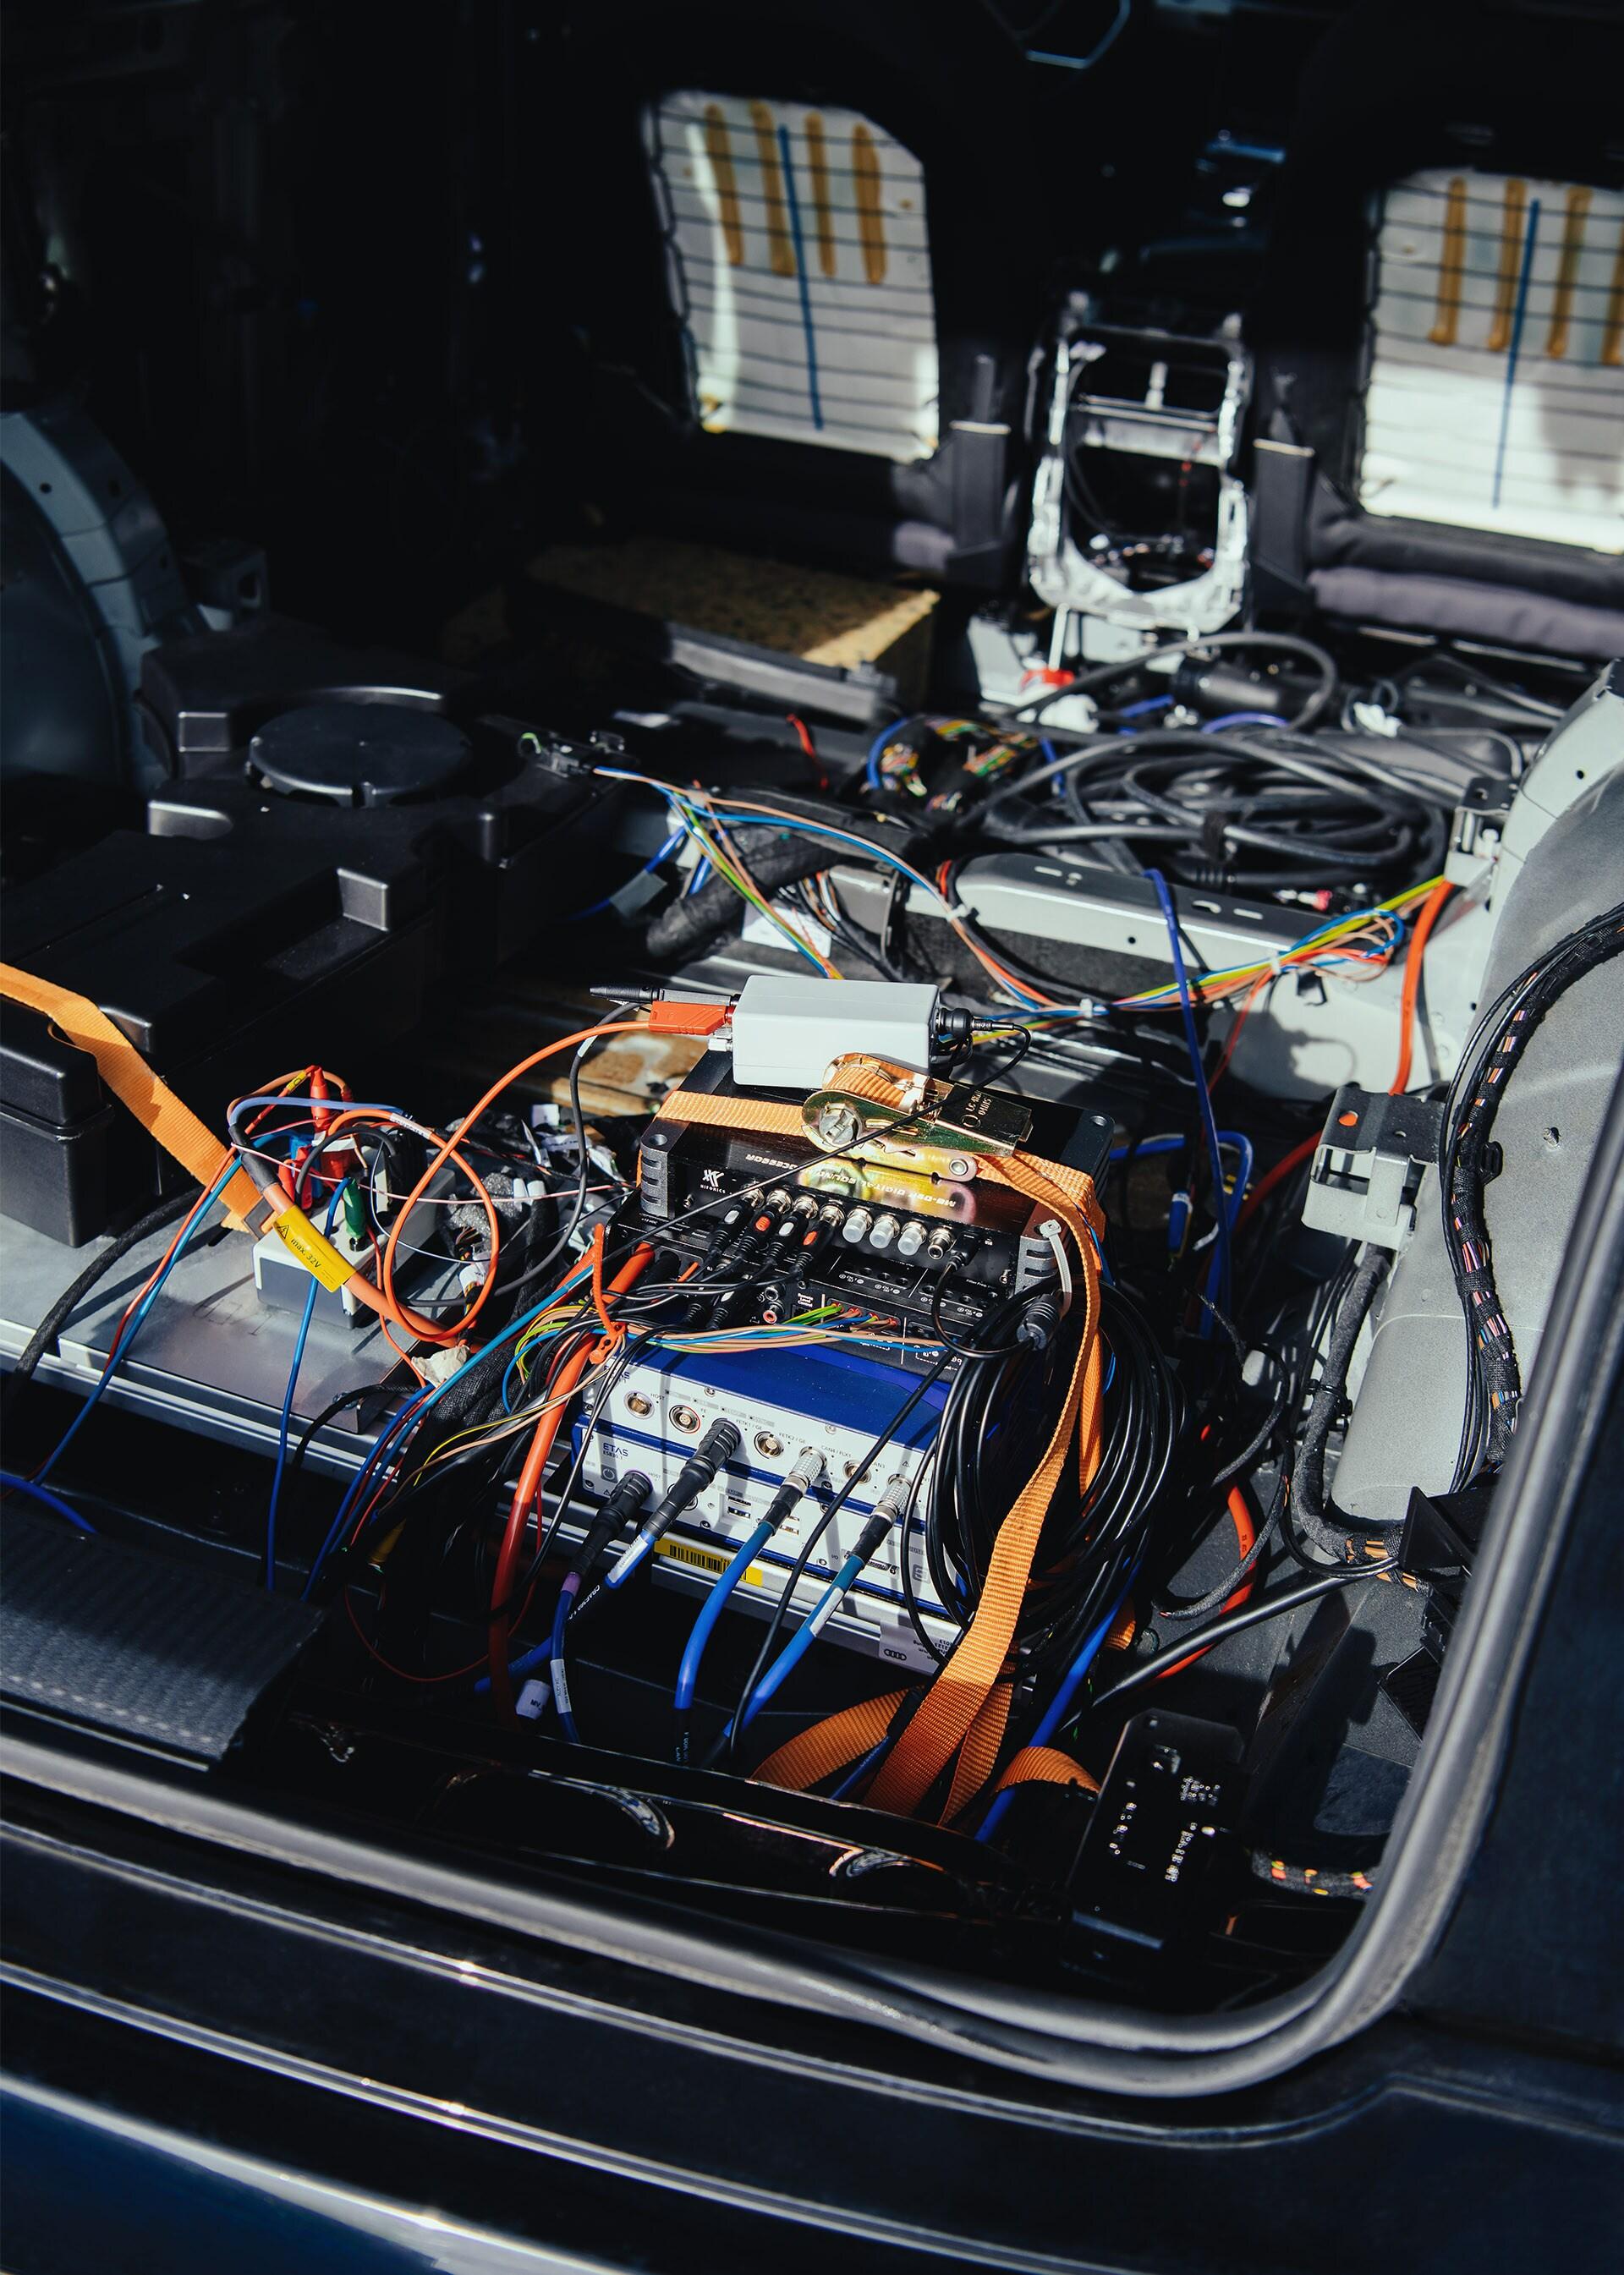 Pogled na elektroniko v konceptnem vozilu Brutus.